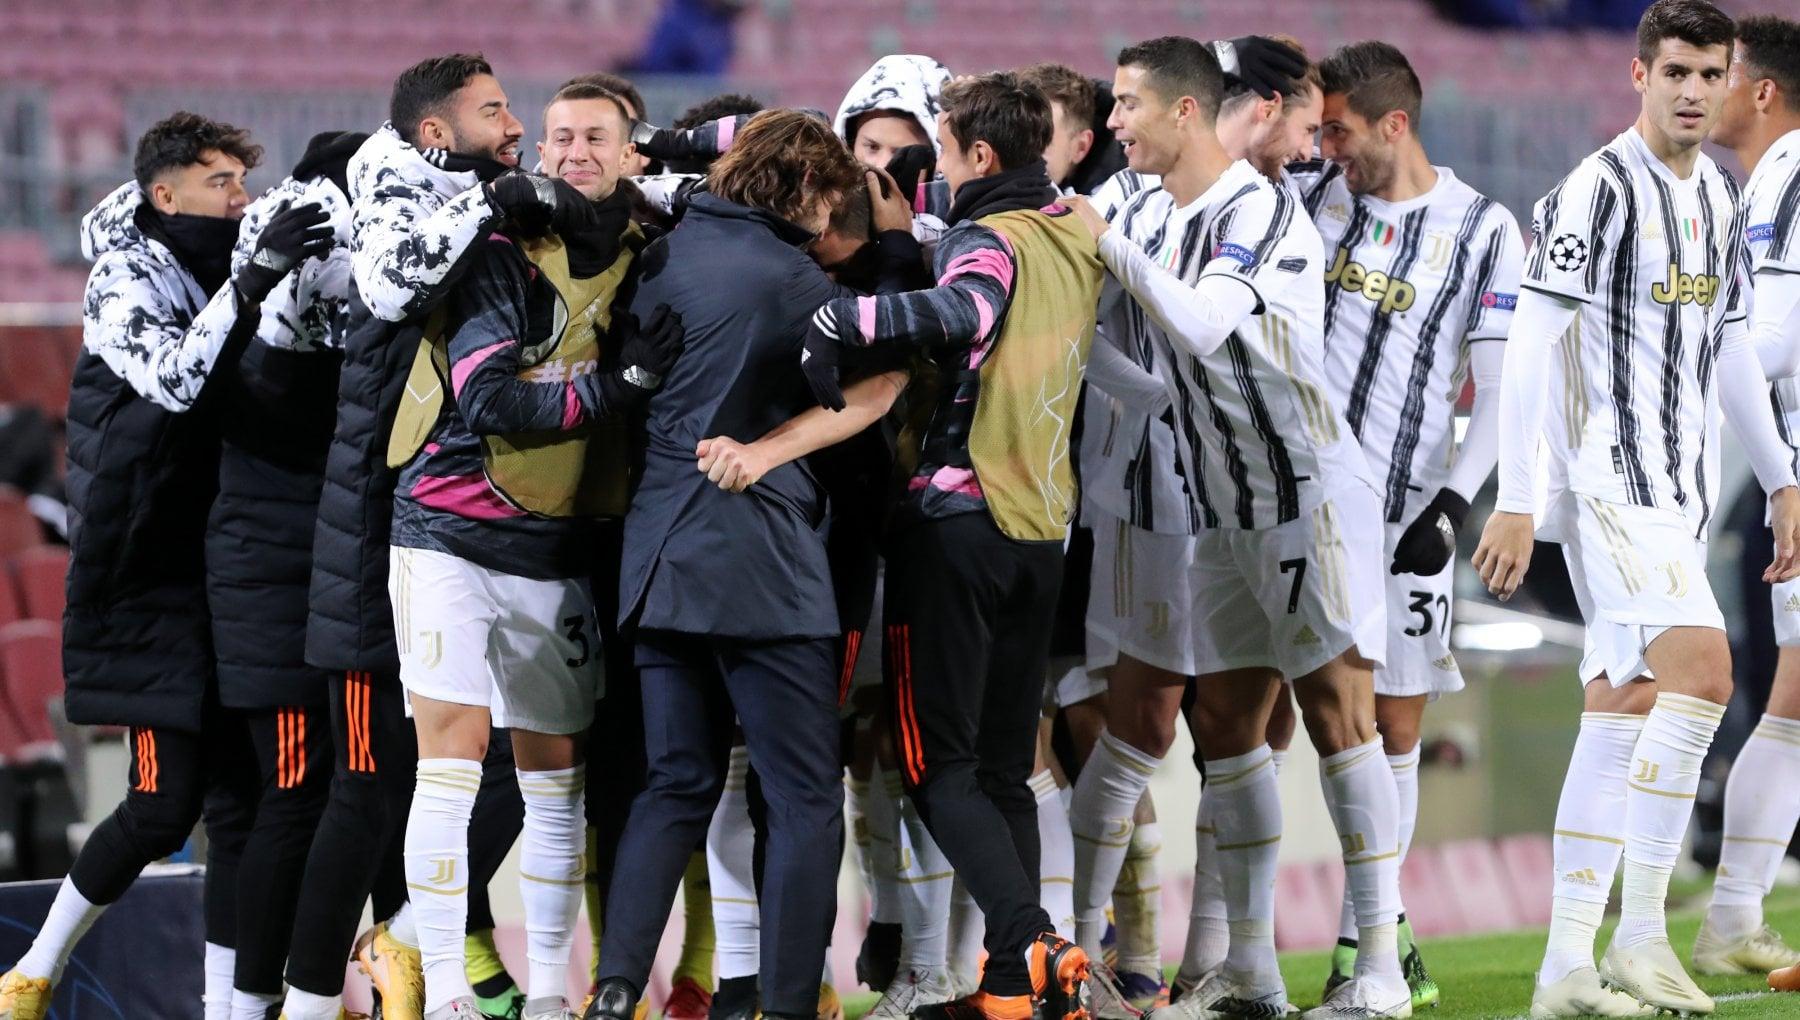 Champions League la Juventus in 90 evita tutte le big dEuropa. Lazio gli ottavi fanno paura